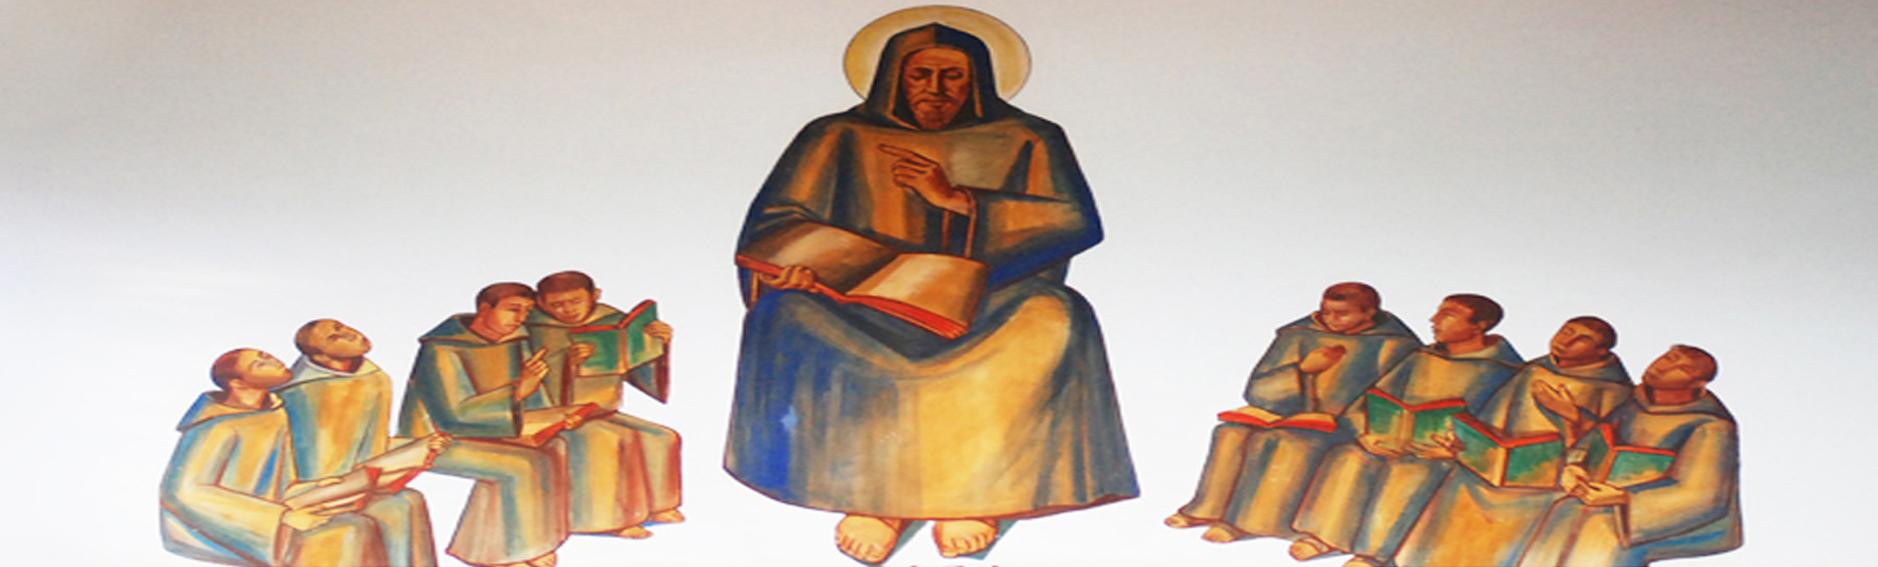 Pintura de São Bento - Capela do Colégio